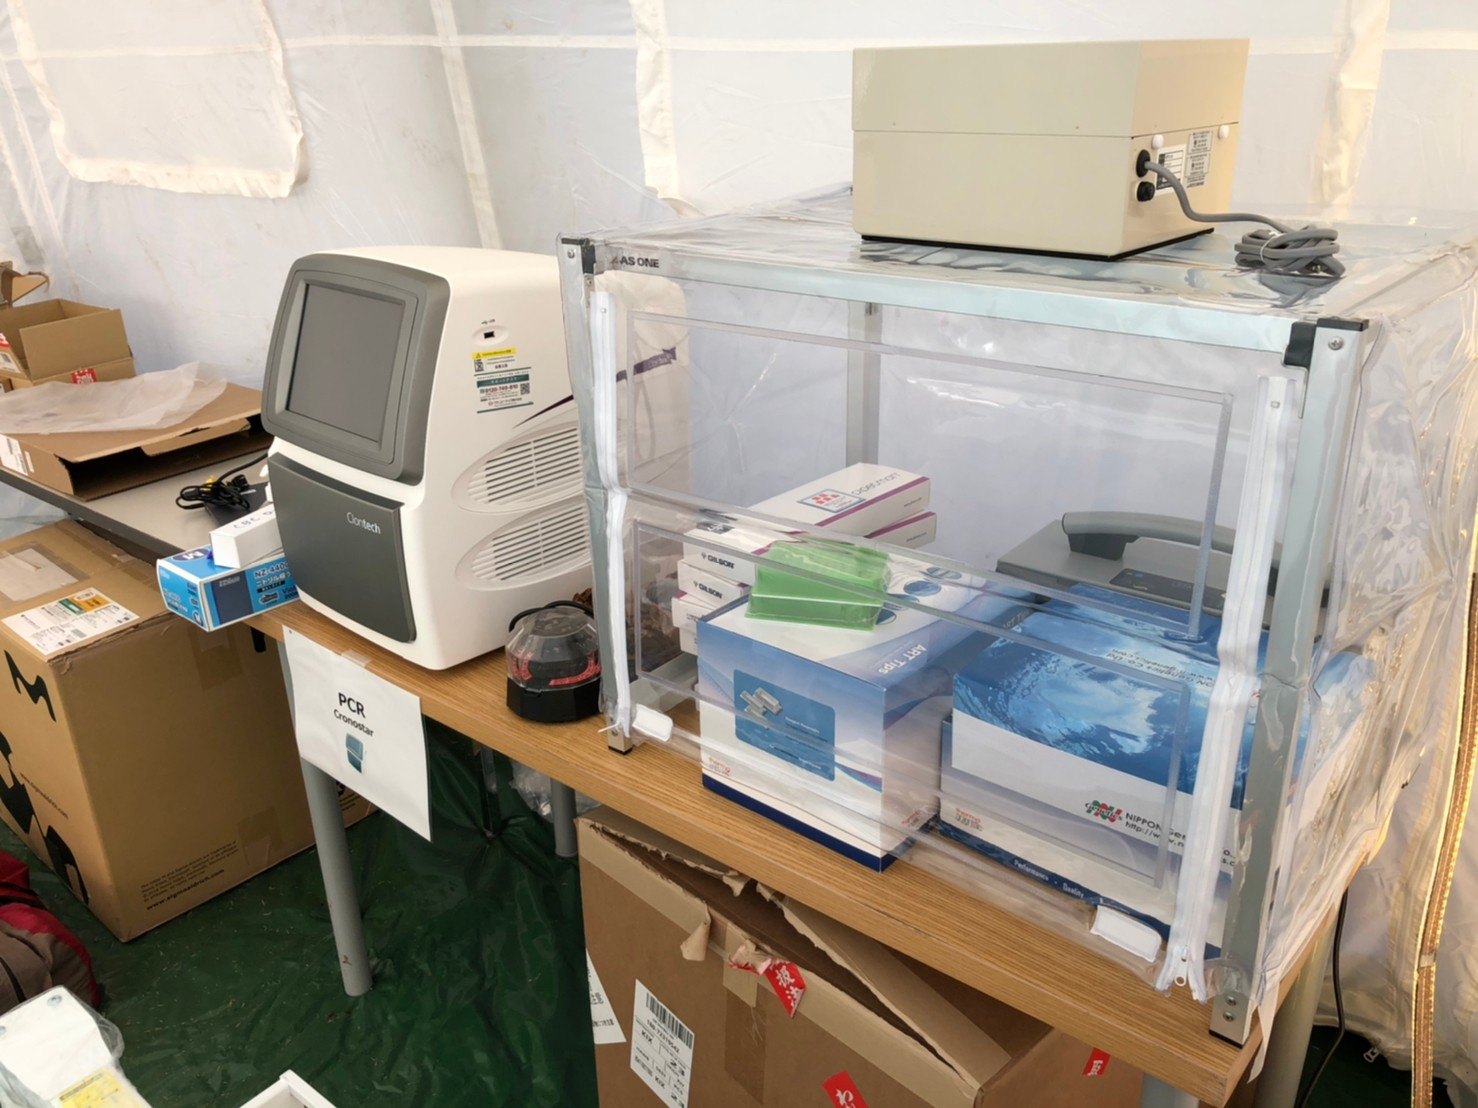 今後の自然災害と感染症の複合災害に備えたPCR検査機器等を購入